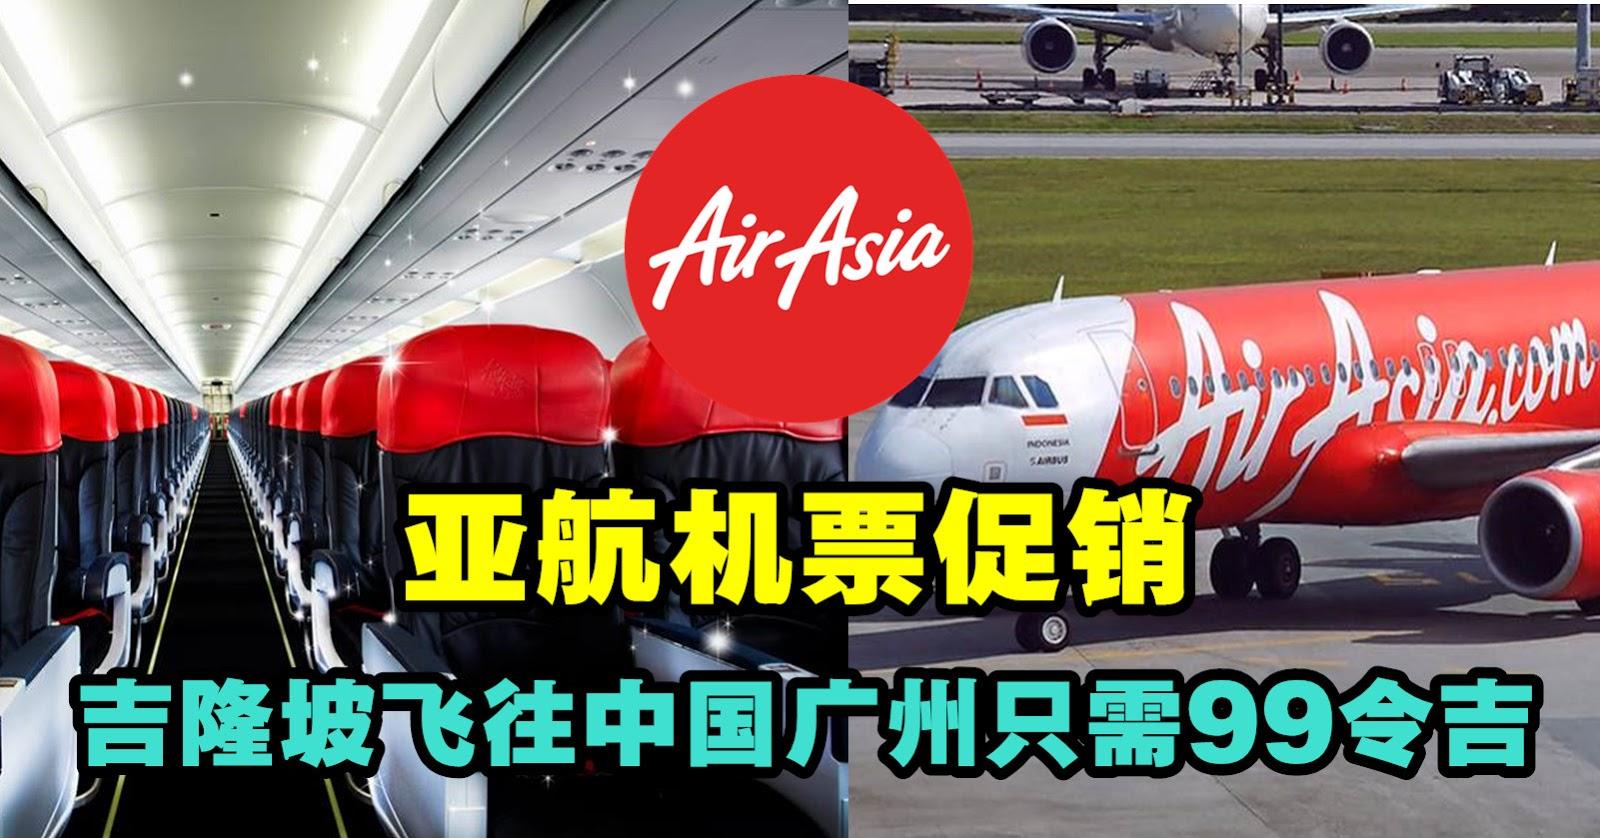 亚航机票促销,吉隆坡飞往中国广州只需99令吉